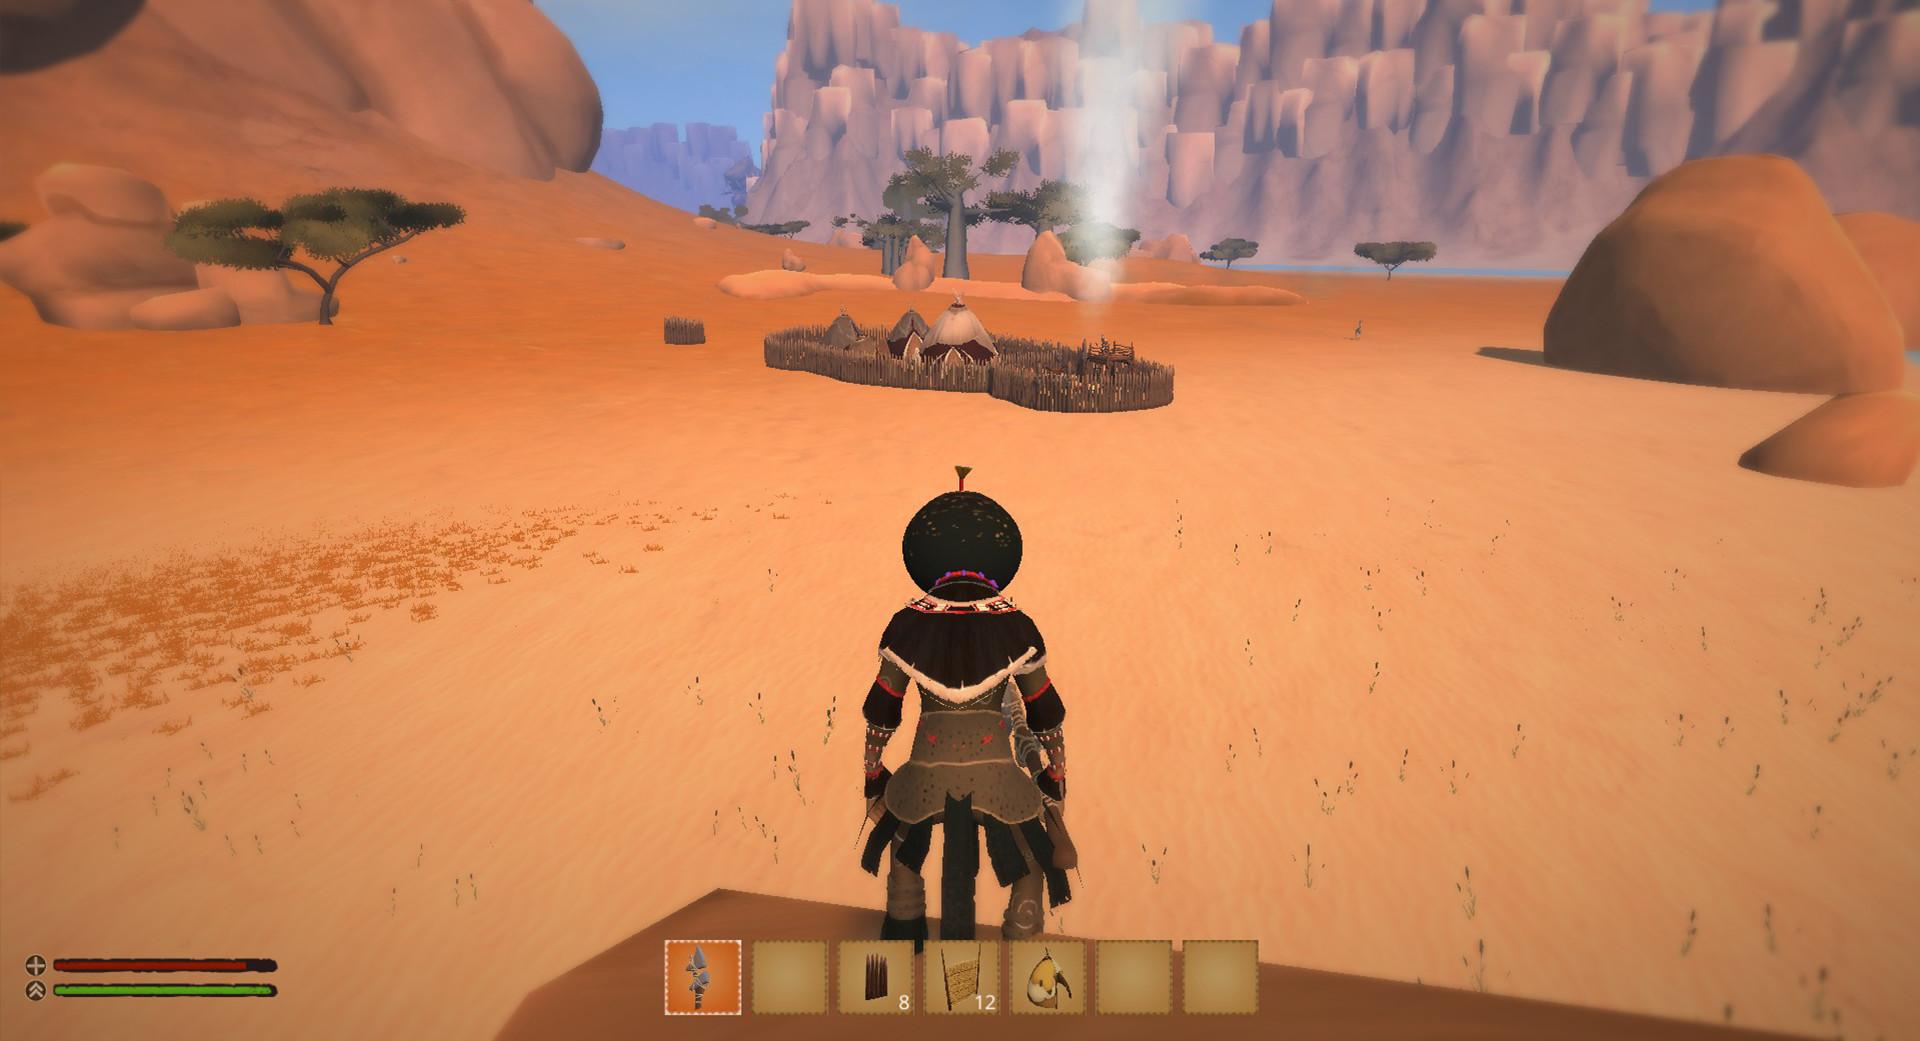 Voodoo game image